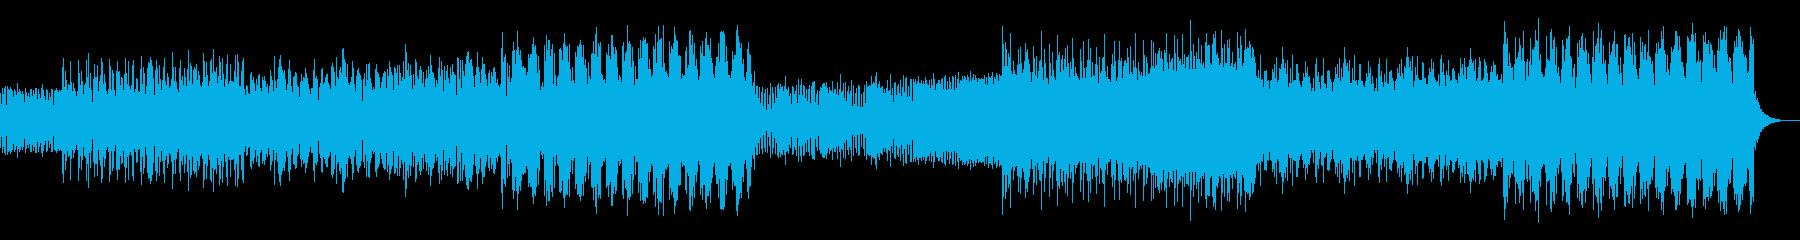 シンプルなアルペジオのテクノ01の再生済みの波形